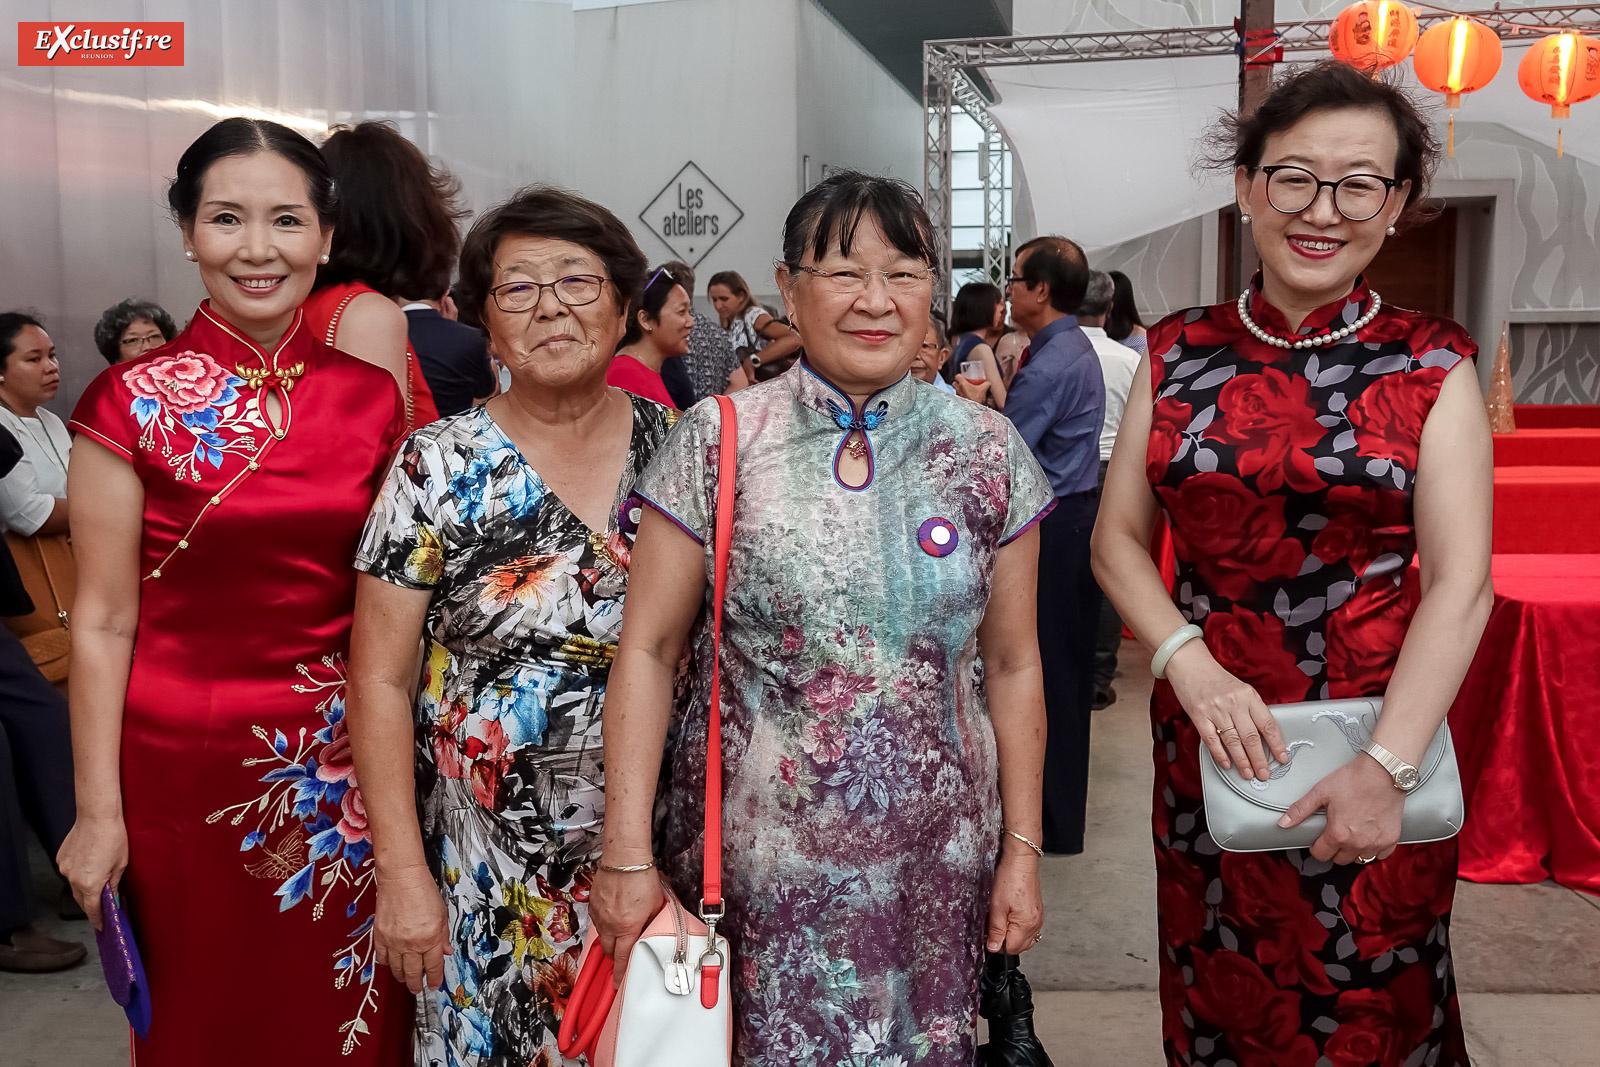 Dong Zhijiao, une invitée, Marie-Ange Durrieu, de l'association Dragon Boat, et Yang Qing, vice-consule générale